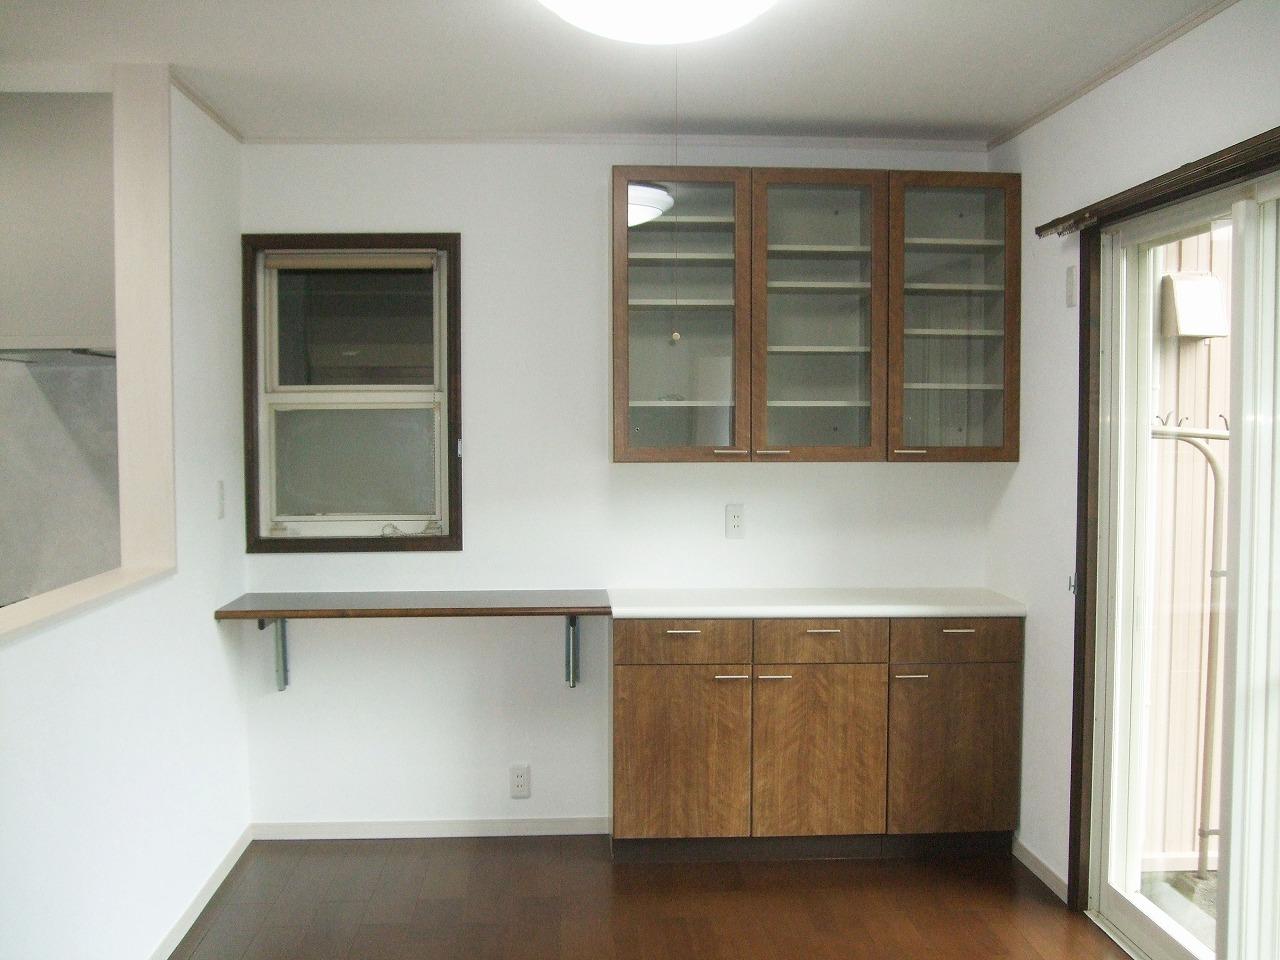 カウンターと食器棚を再利用